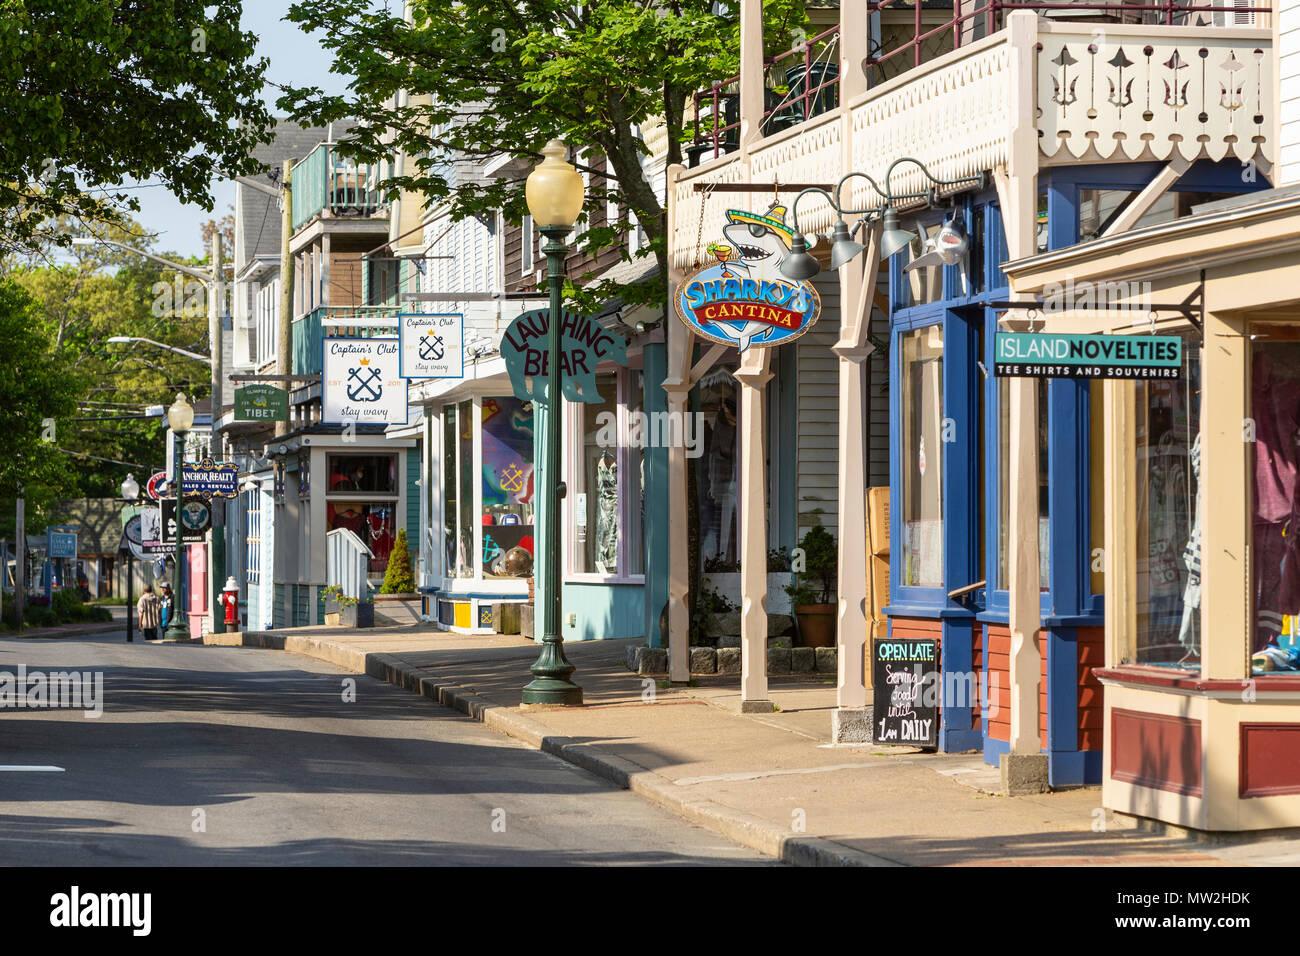 Geschäfte und Restaurants line Circuit Avenue, dem wichtigsten Einkaufsviertel in der Innenstadt von Falmouth, Massachusetts auf Martha's Vineyard. Stockbild